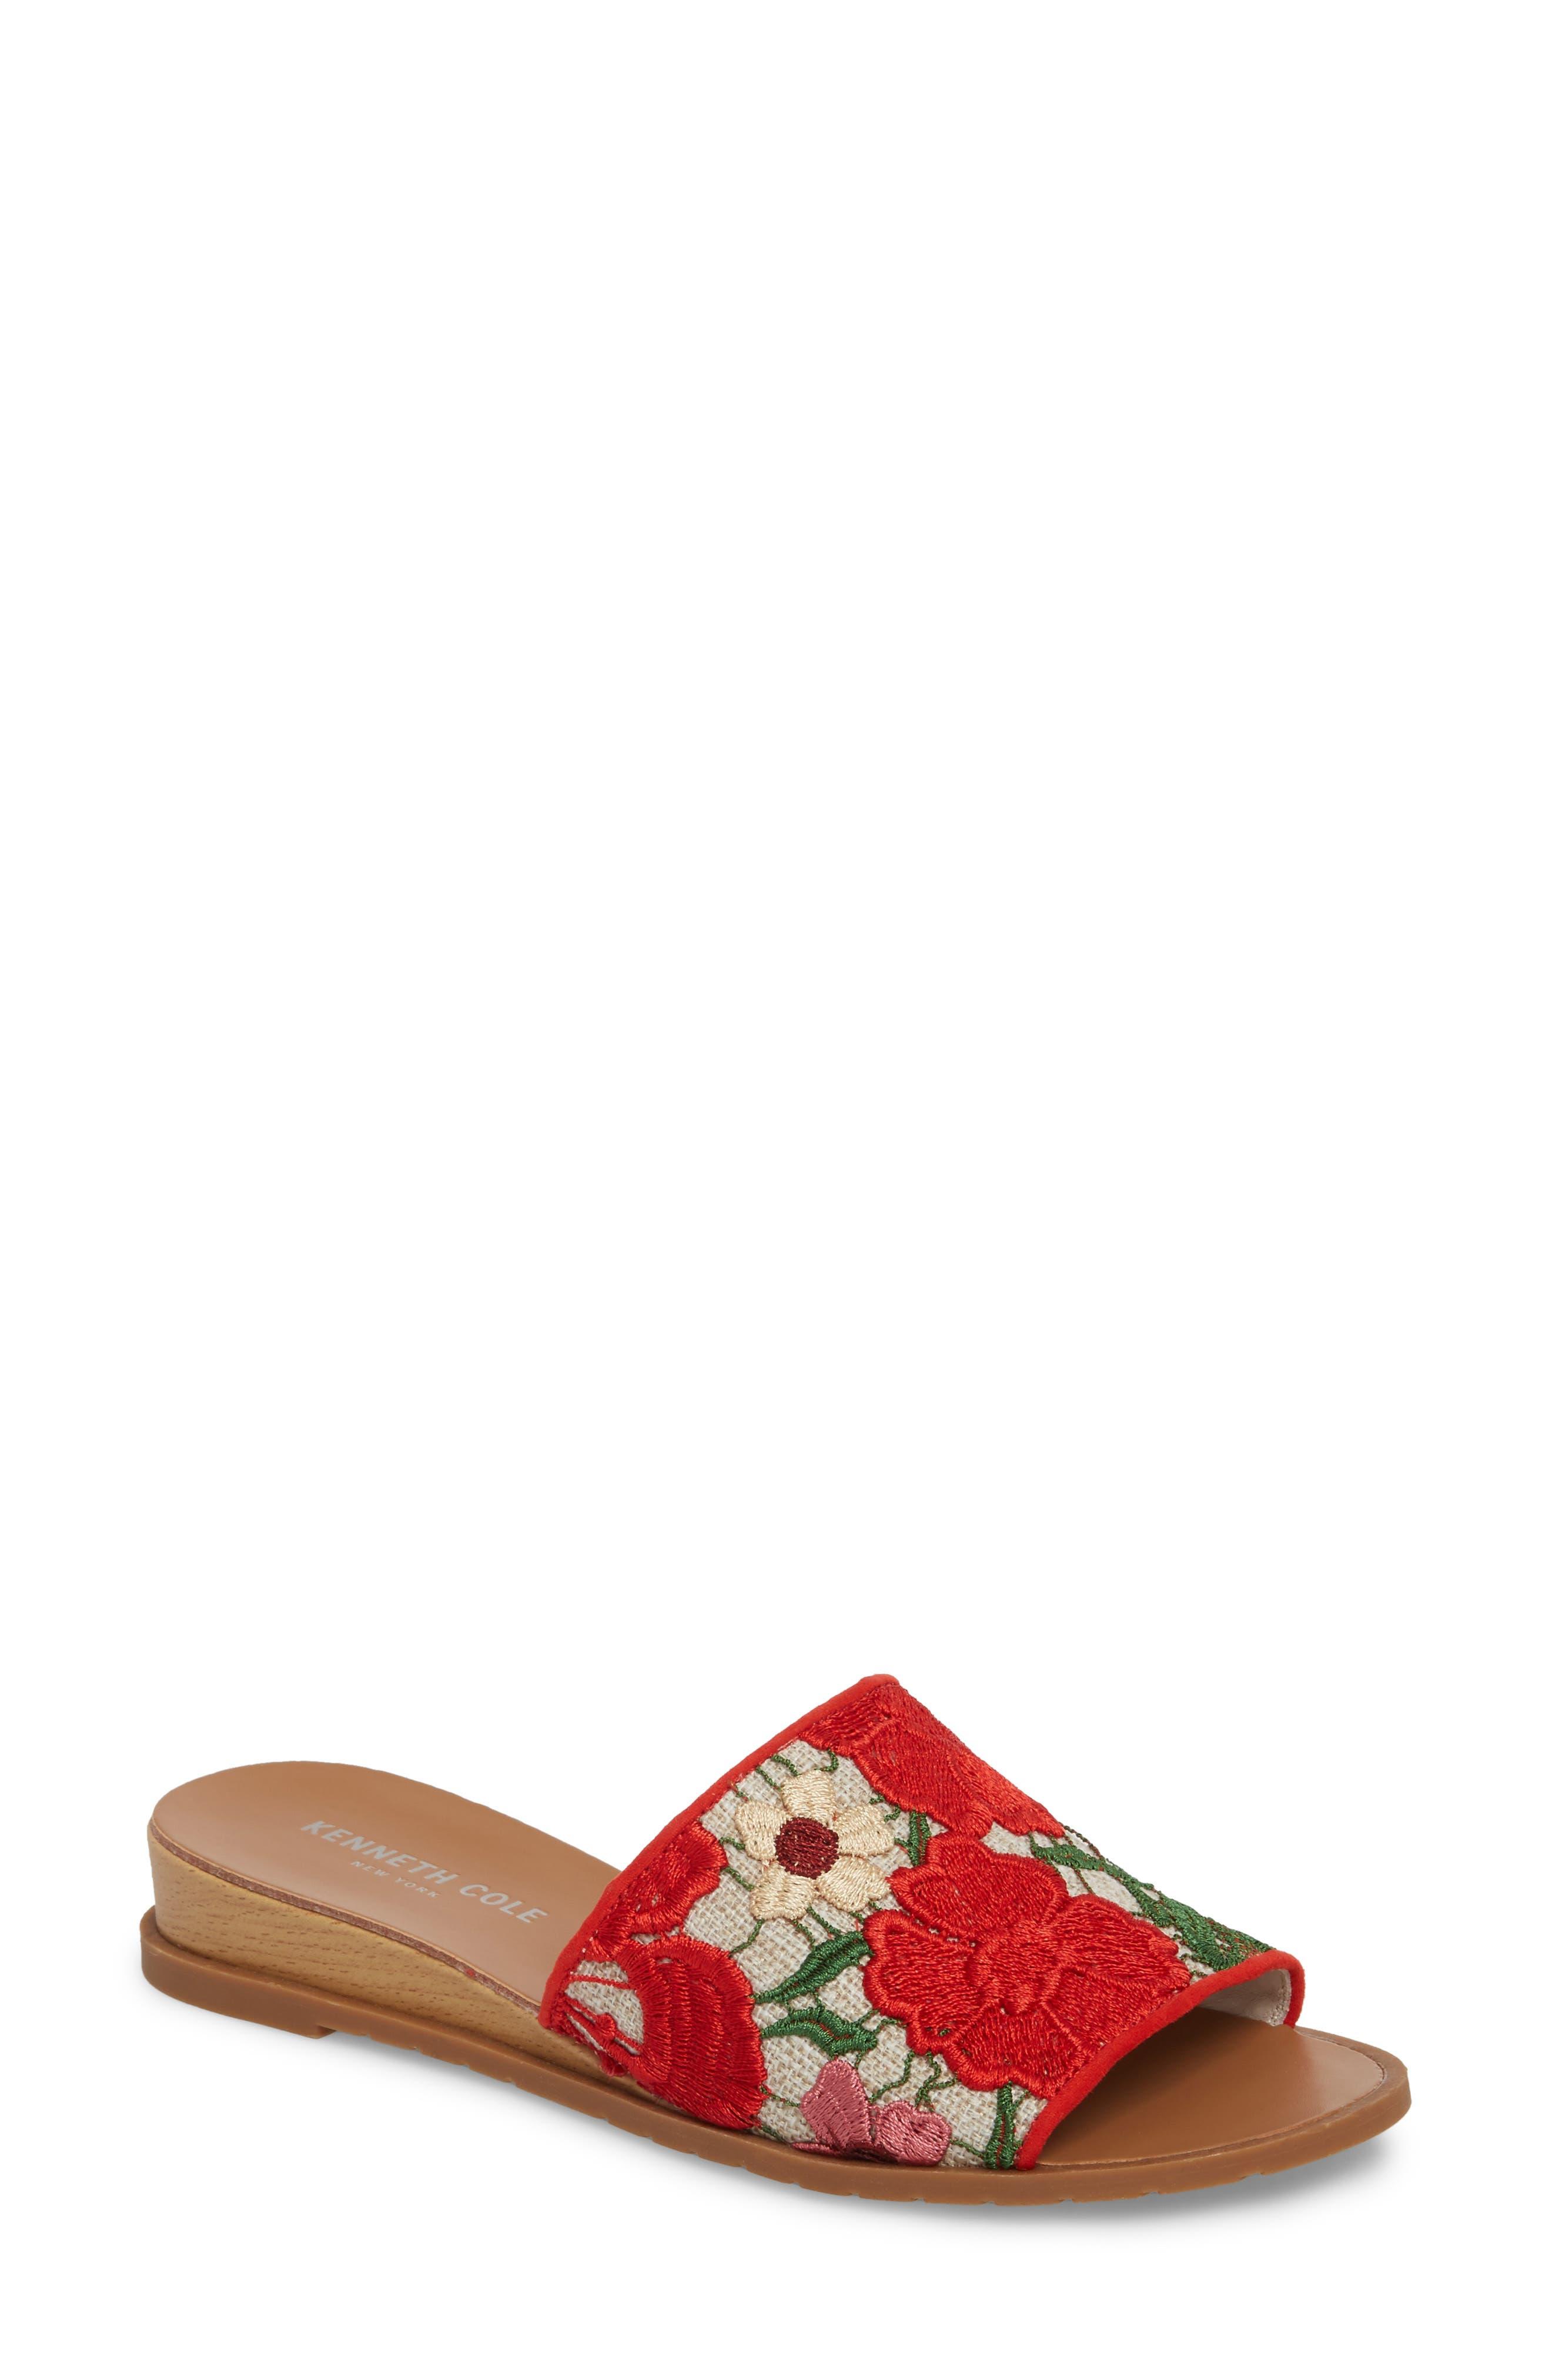 Joanne Flower Embroidered Slide Sandal,                             Main thumbnail 6, color,